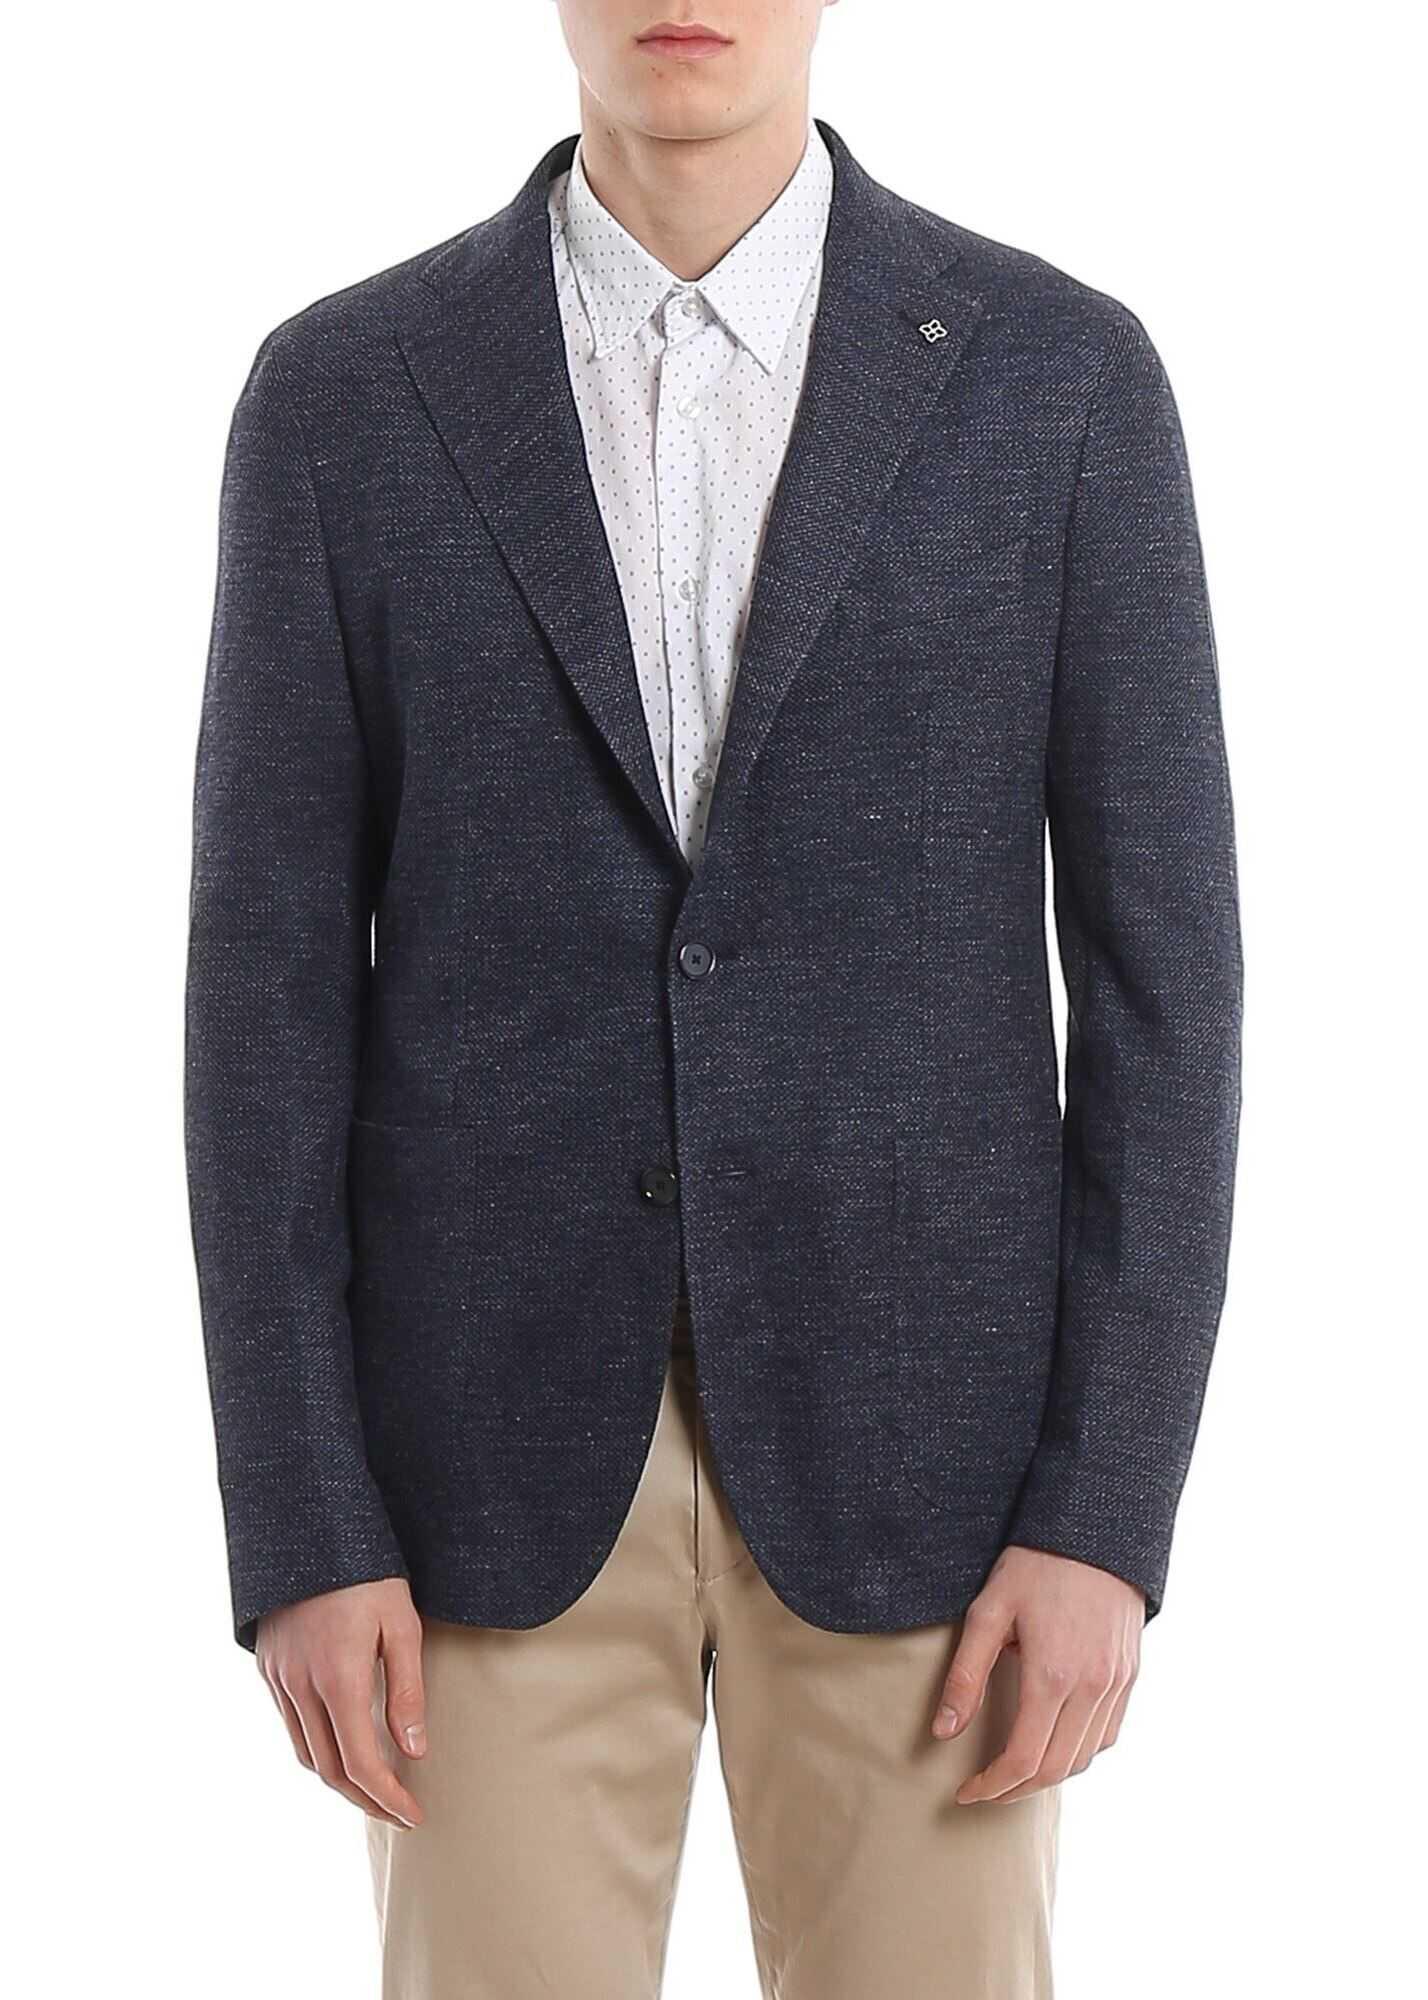 Tagliatore Linen And Cotton Unlined Blazer Blue imagine